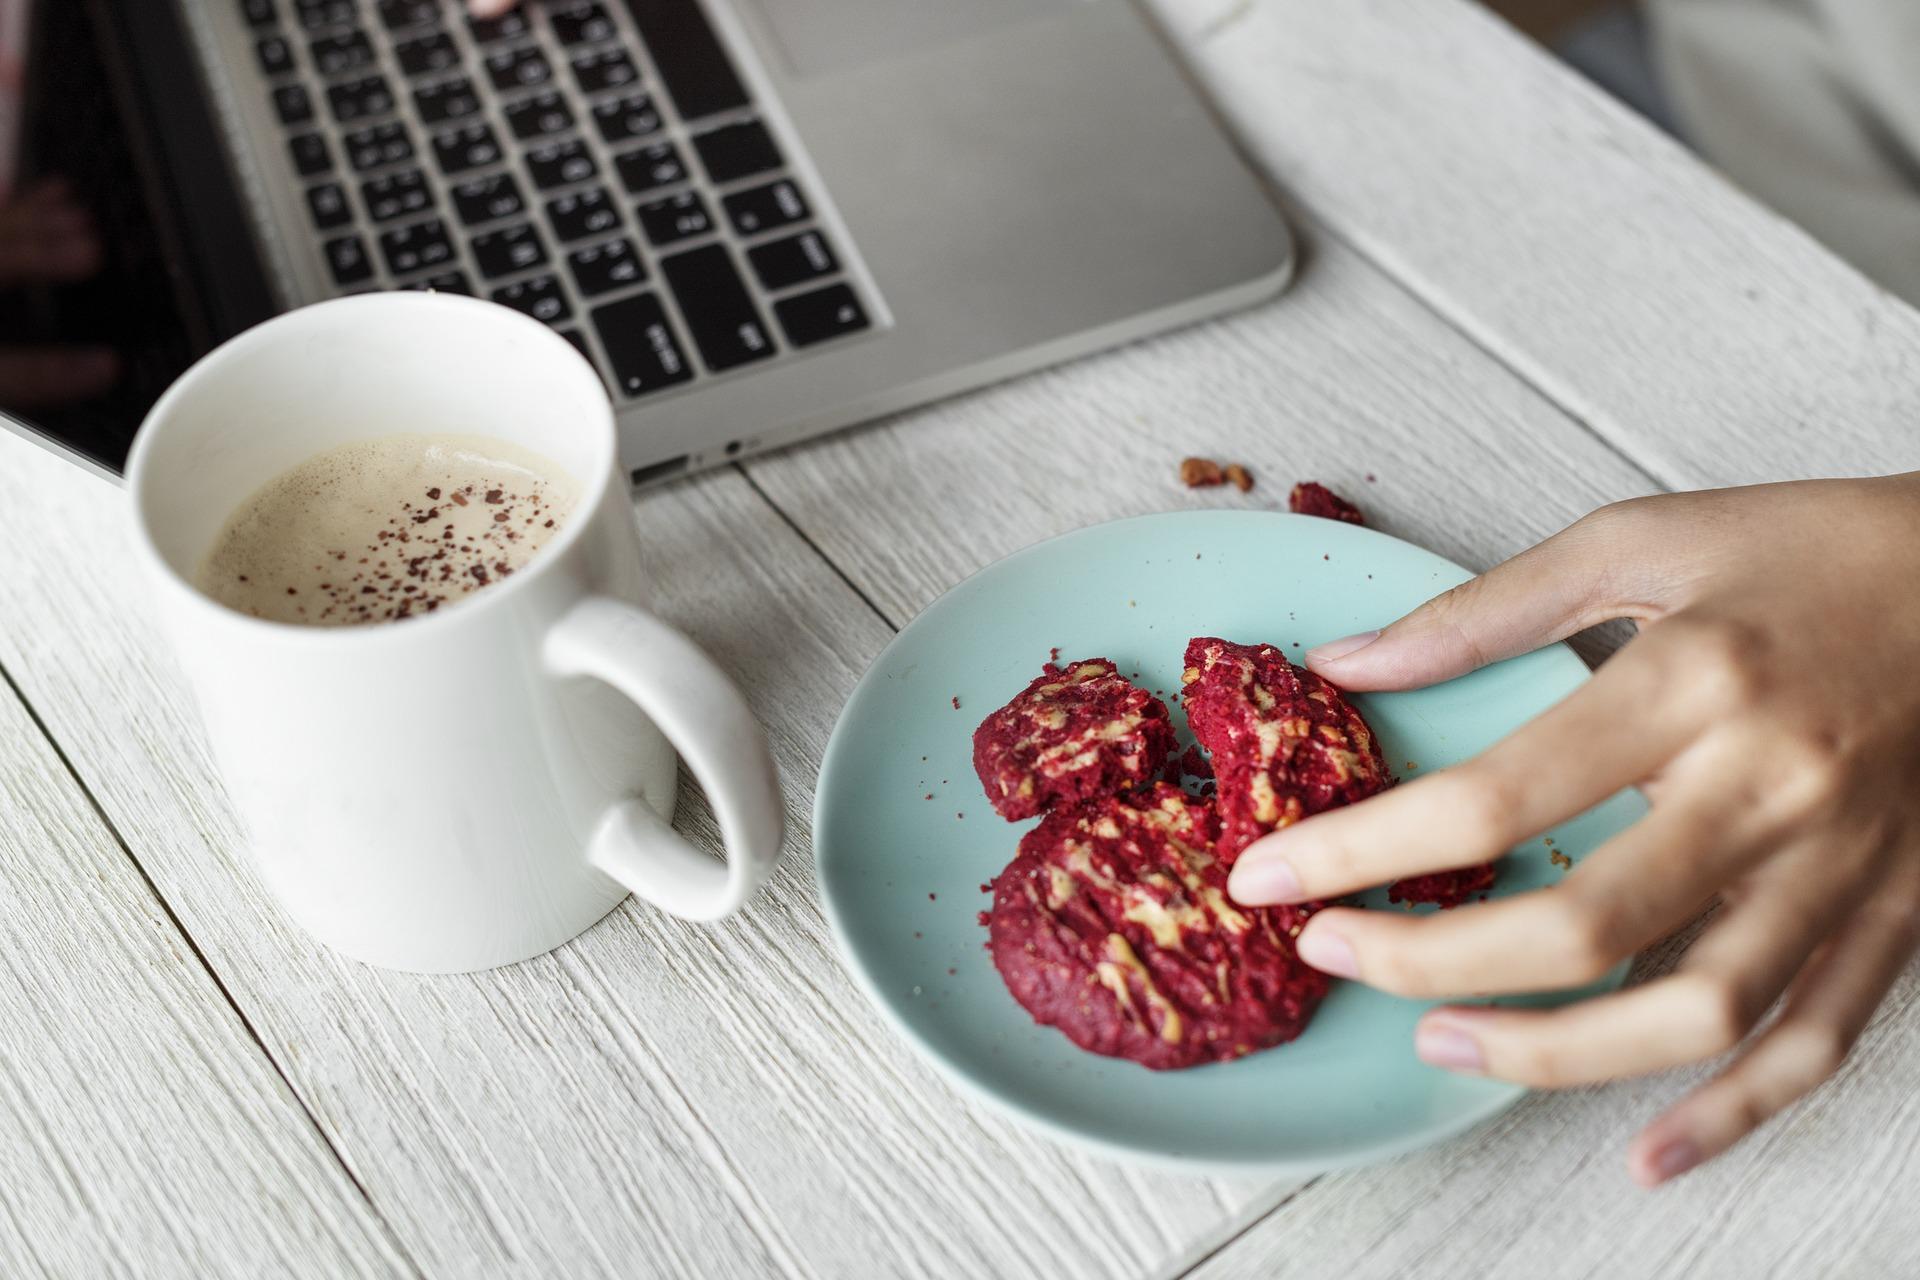 Fare il blogging per vivere. Come diventare uno food blogger?